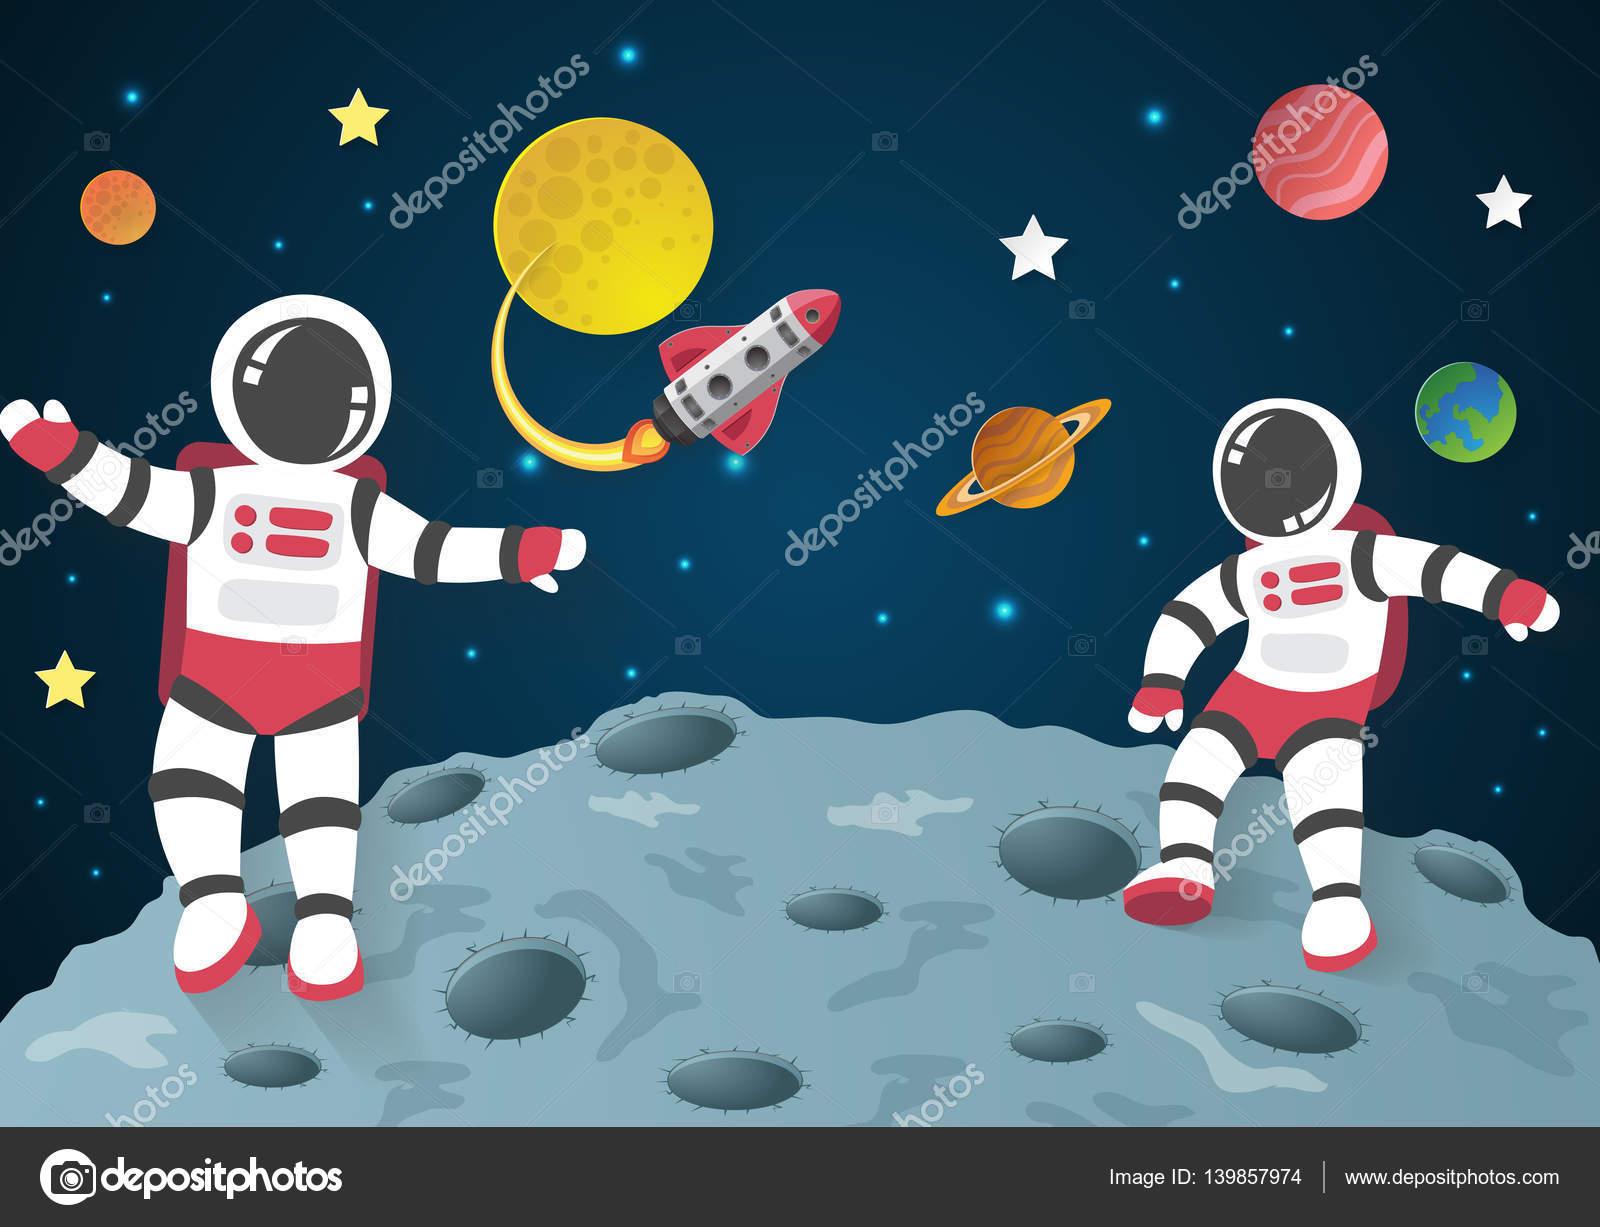 Niño Astronauta En El Espacio: Dibujos Animados De Astronautas En La Luna Con Una Nave